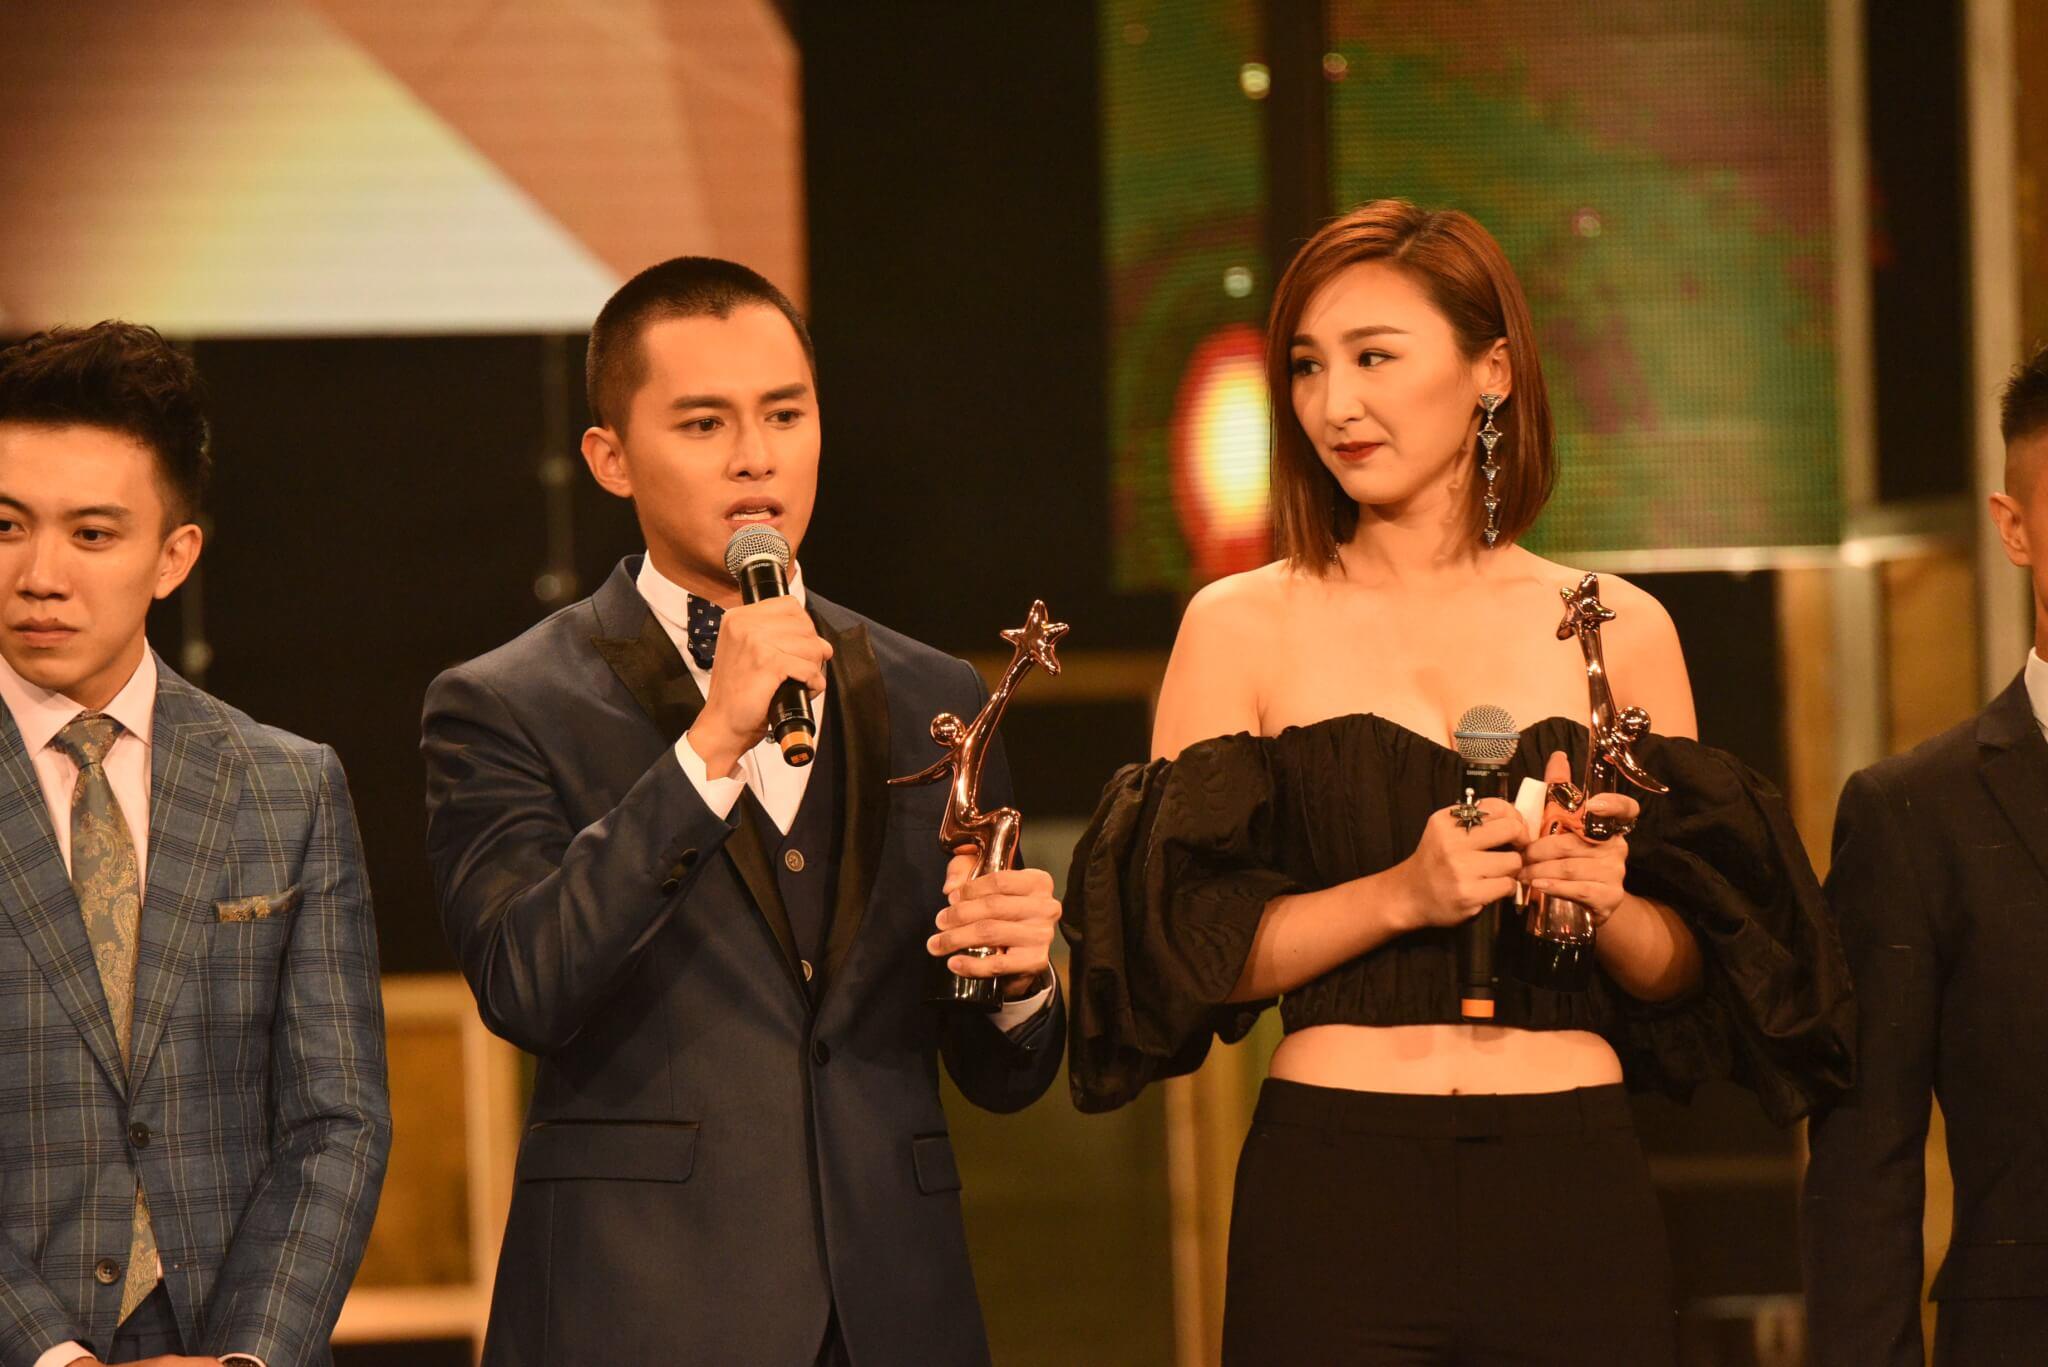 2017年,《星和無綫電視大獎2017》頒獎典禮於新加坡舉行,高海寧與何廣沛均獲頒「TVB飛躍進步藝人」獎。